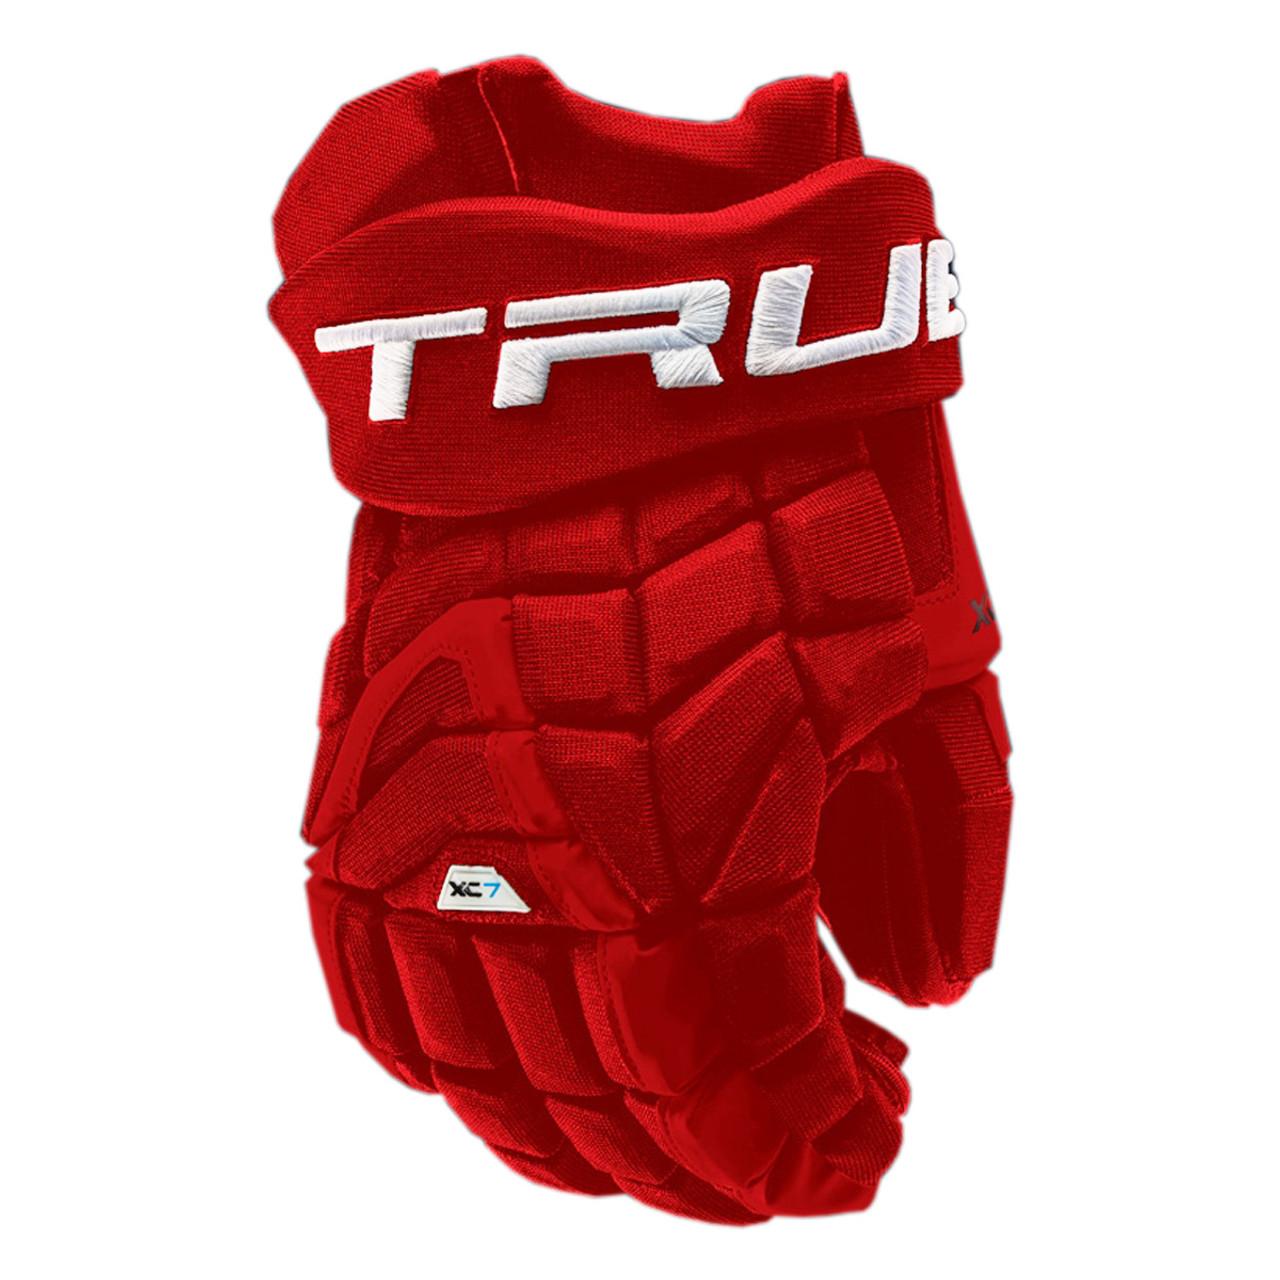 d9abd46611593 True XC7-18 Pro Z Palm Senior Hockey Gloves - Red